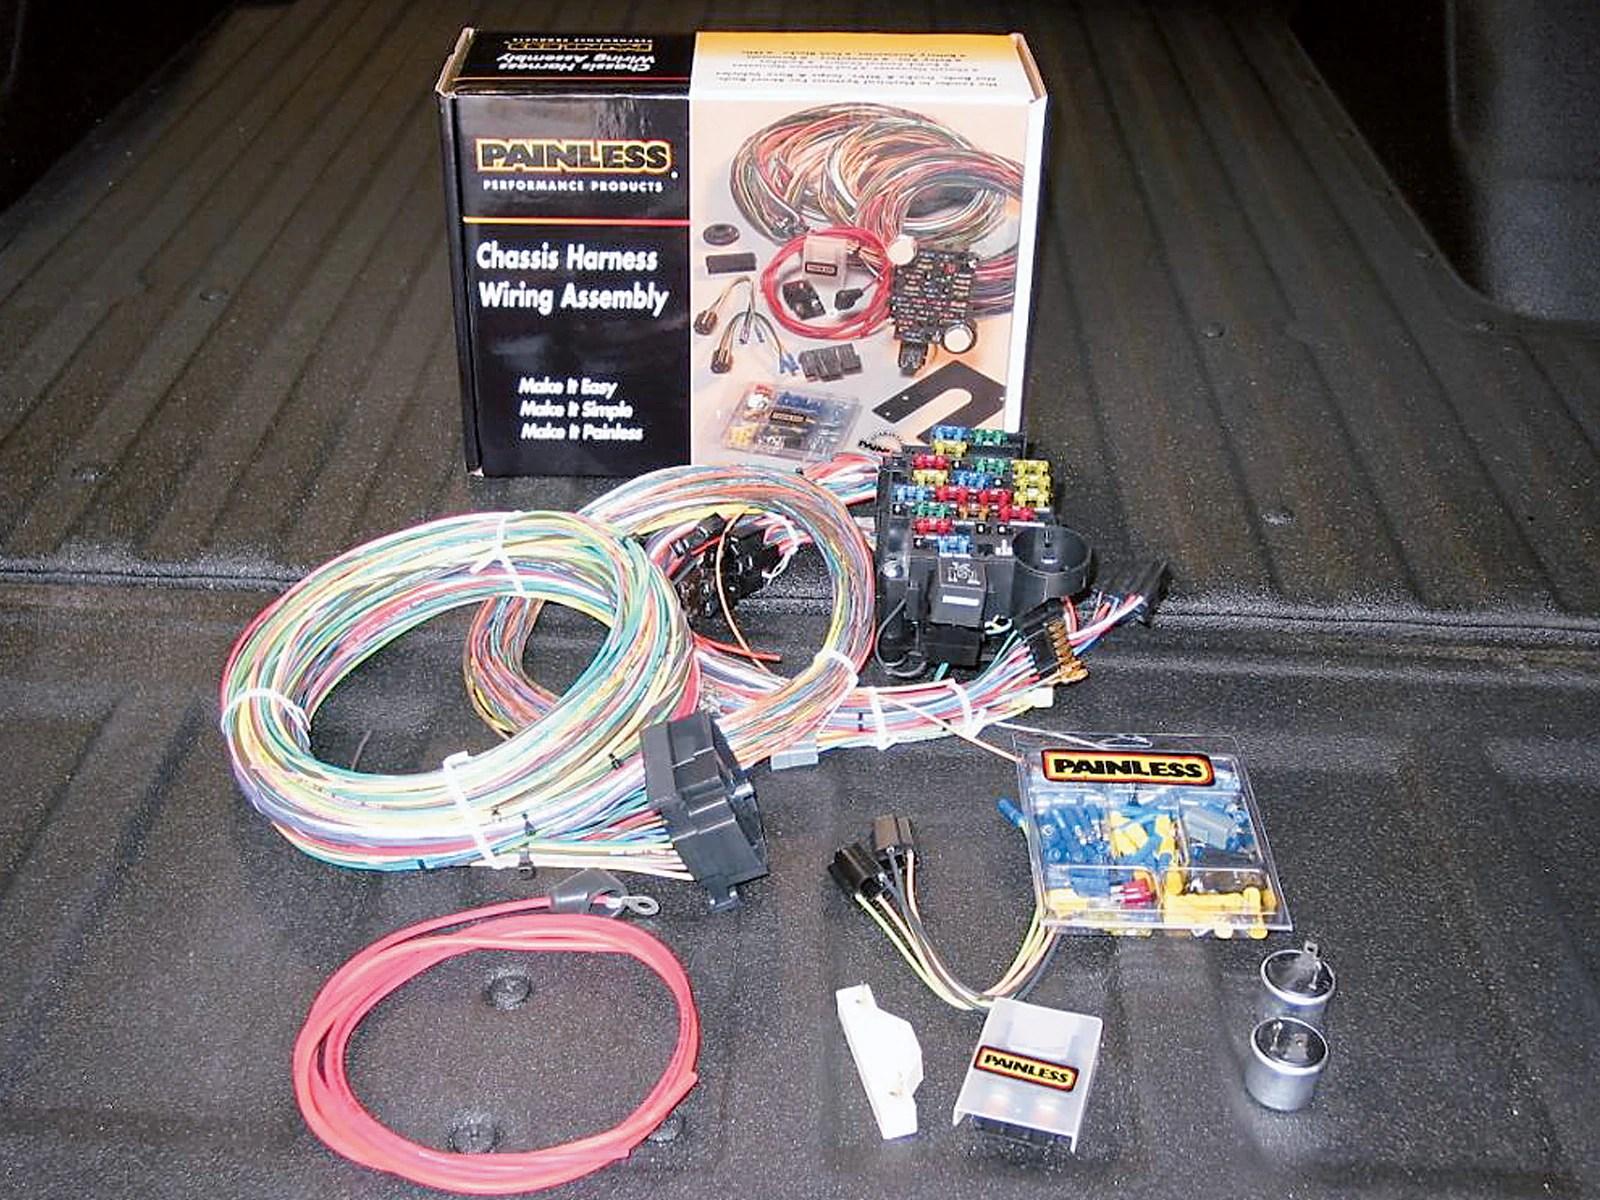 1972 chevrolet c10 wiring harness schematic diagrams 1969 chevy truck suspension 1969 chevy truck wiring harness [ 1600 x 1200 Pixel ]